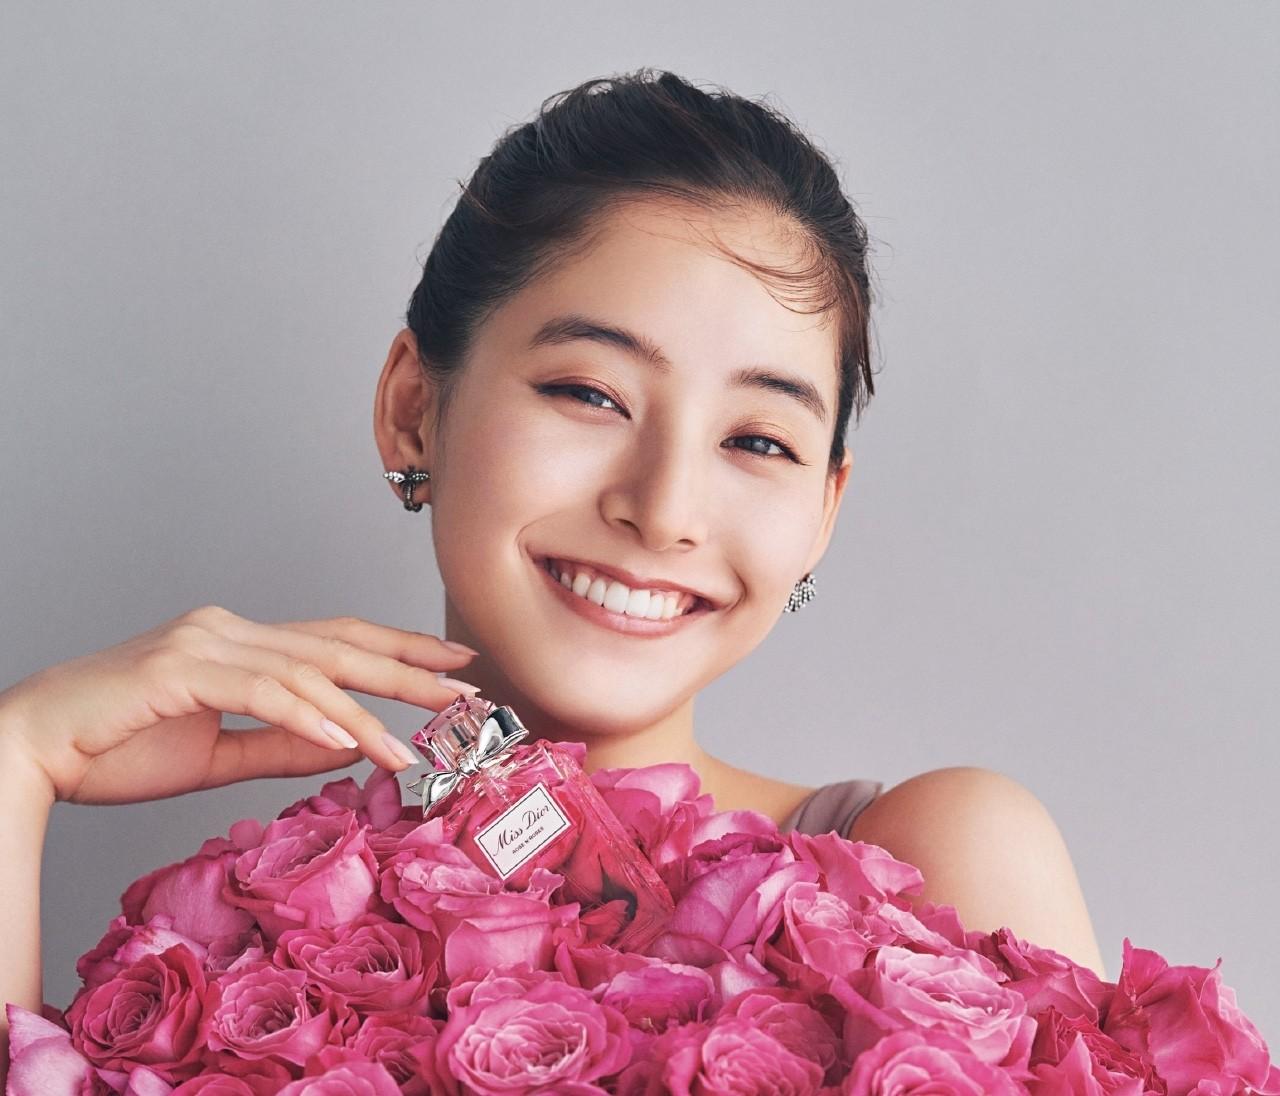 【Miss Dior】一面にバラが咲き誇る幸せの香り【新木優子×ミス ディオール ローズ&ローズ】